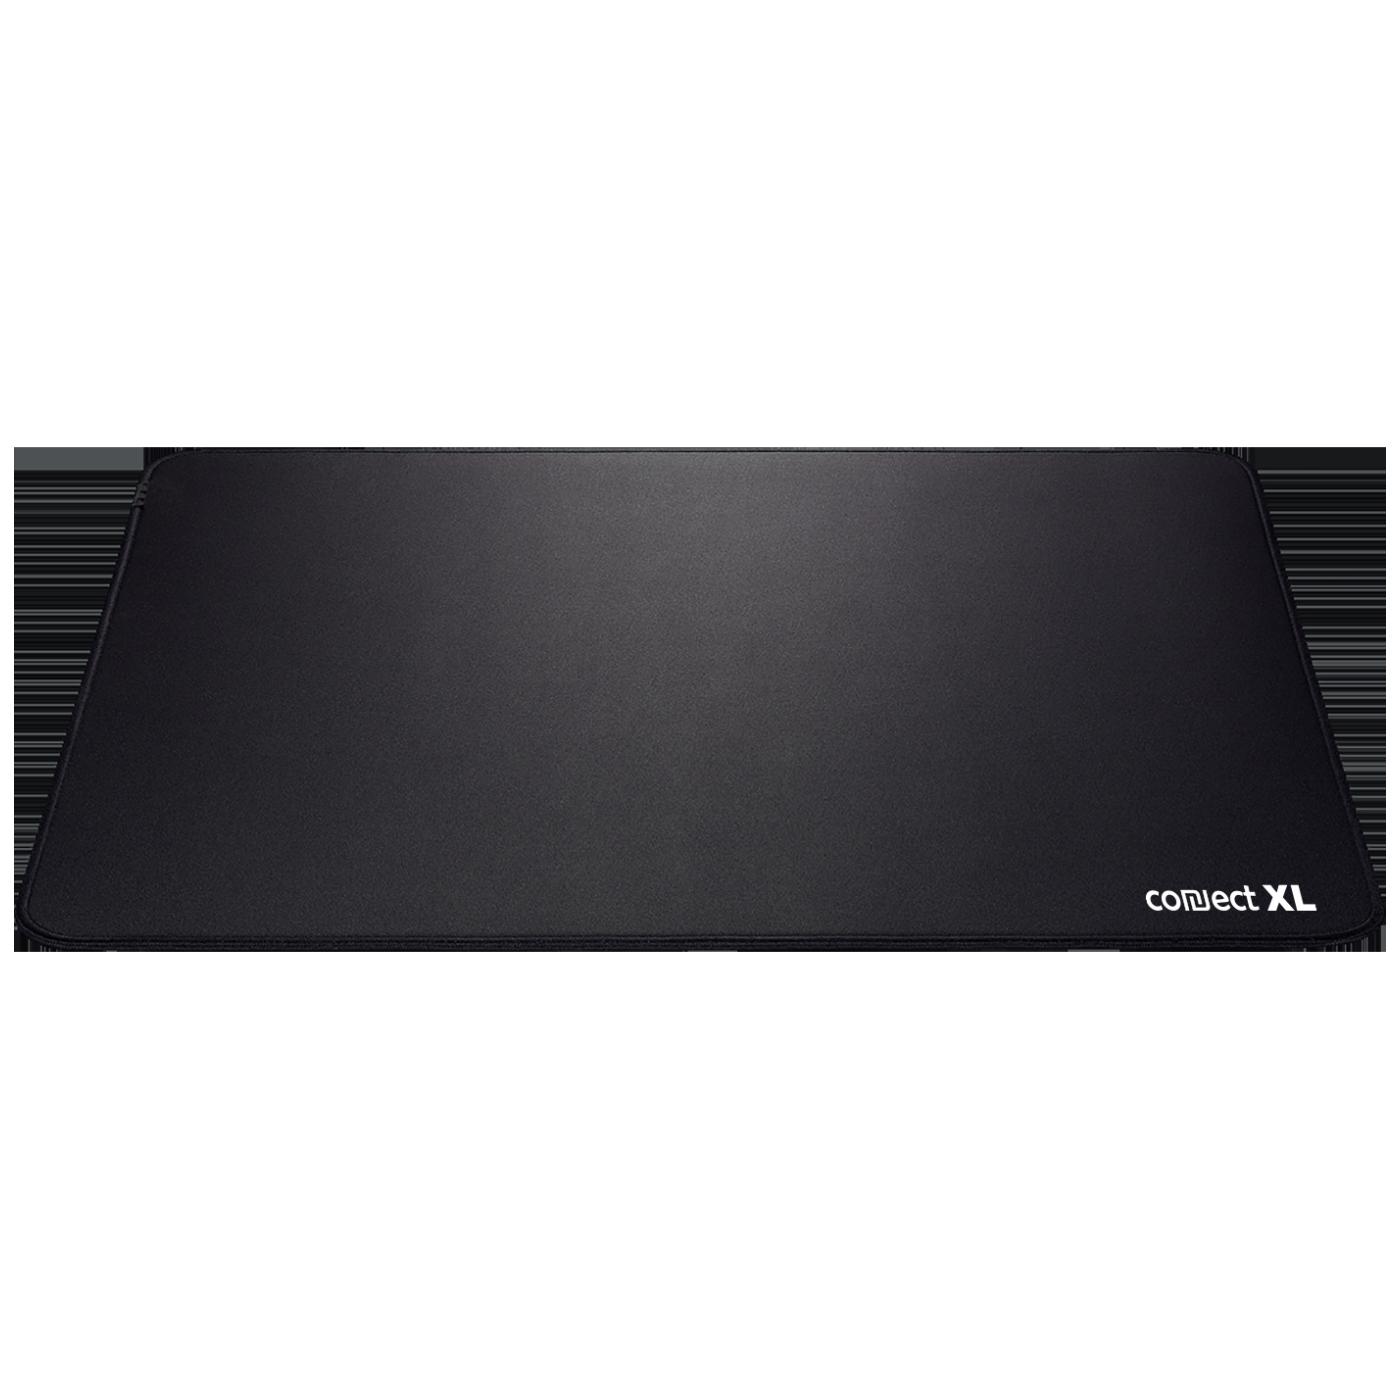 Connect XL - CXL-MP1